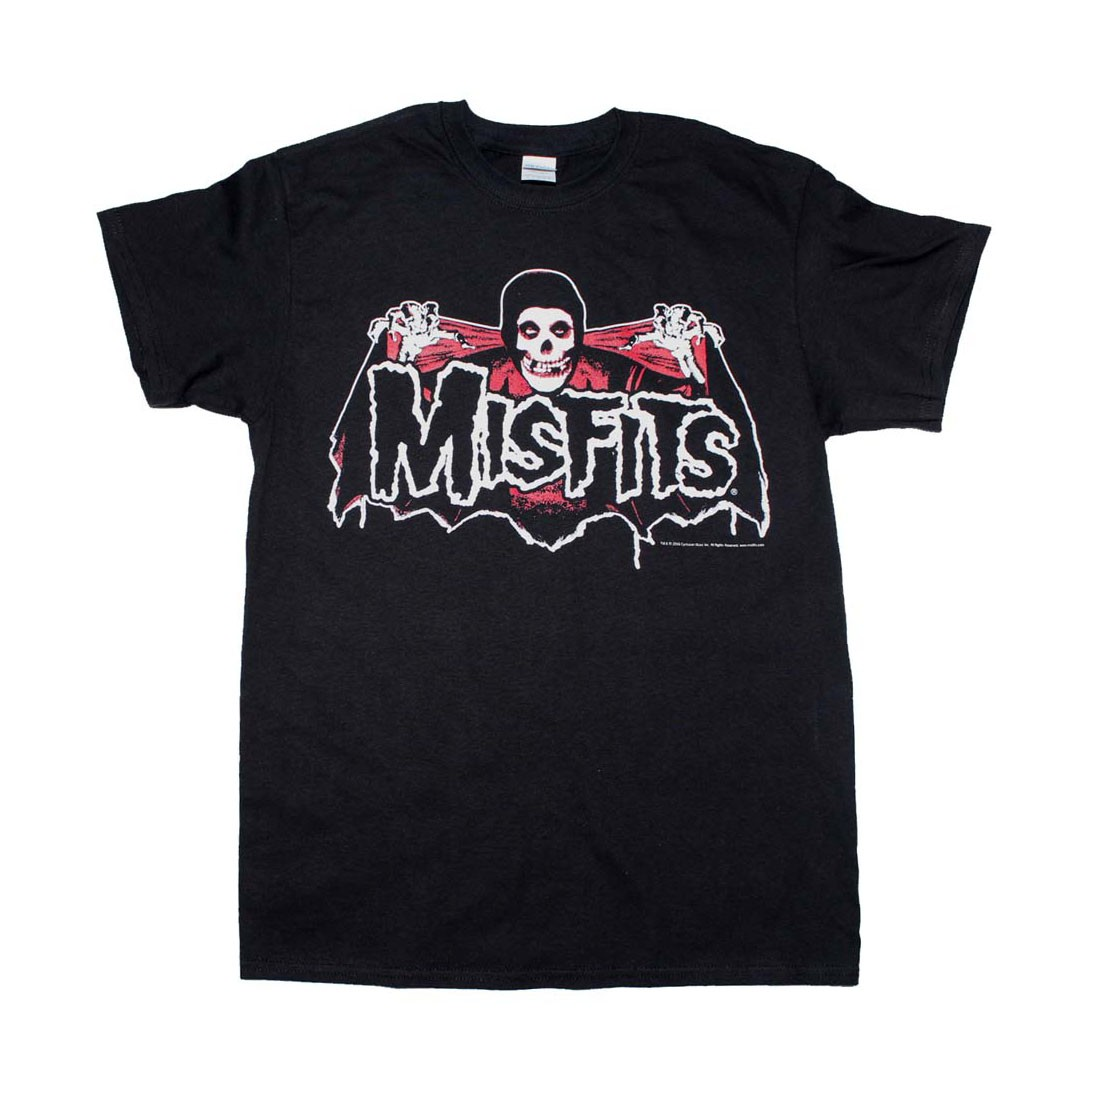 Misfits Batfiend Red T-Shirt